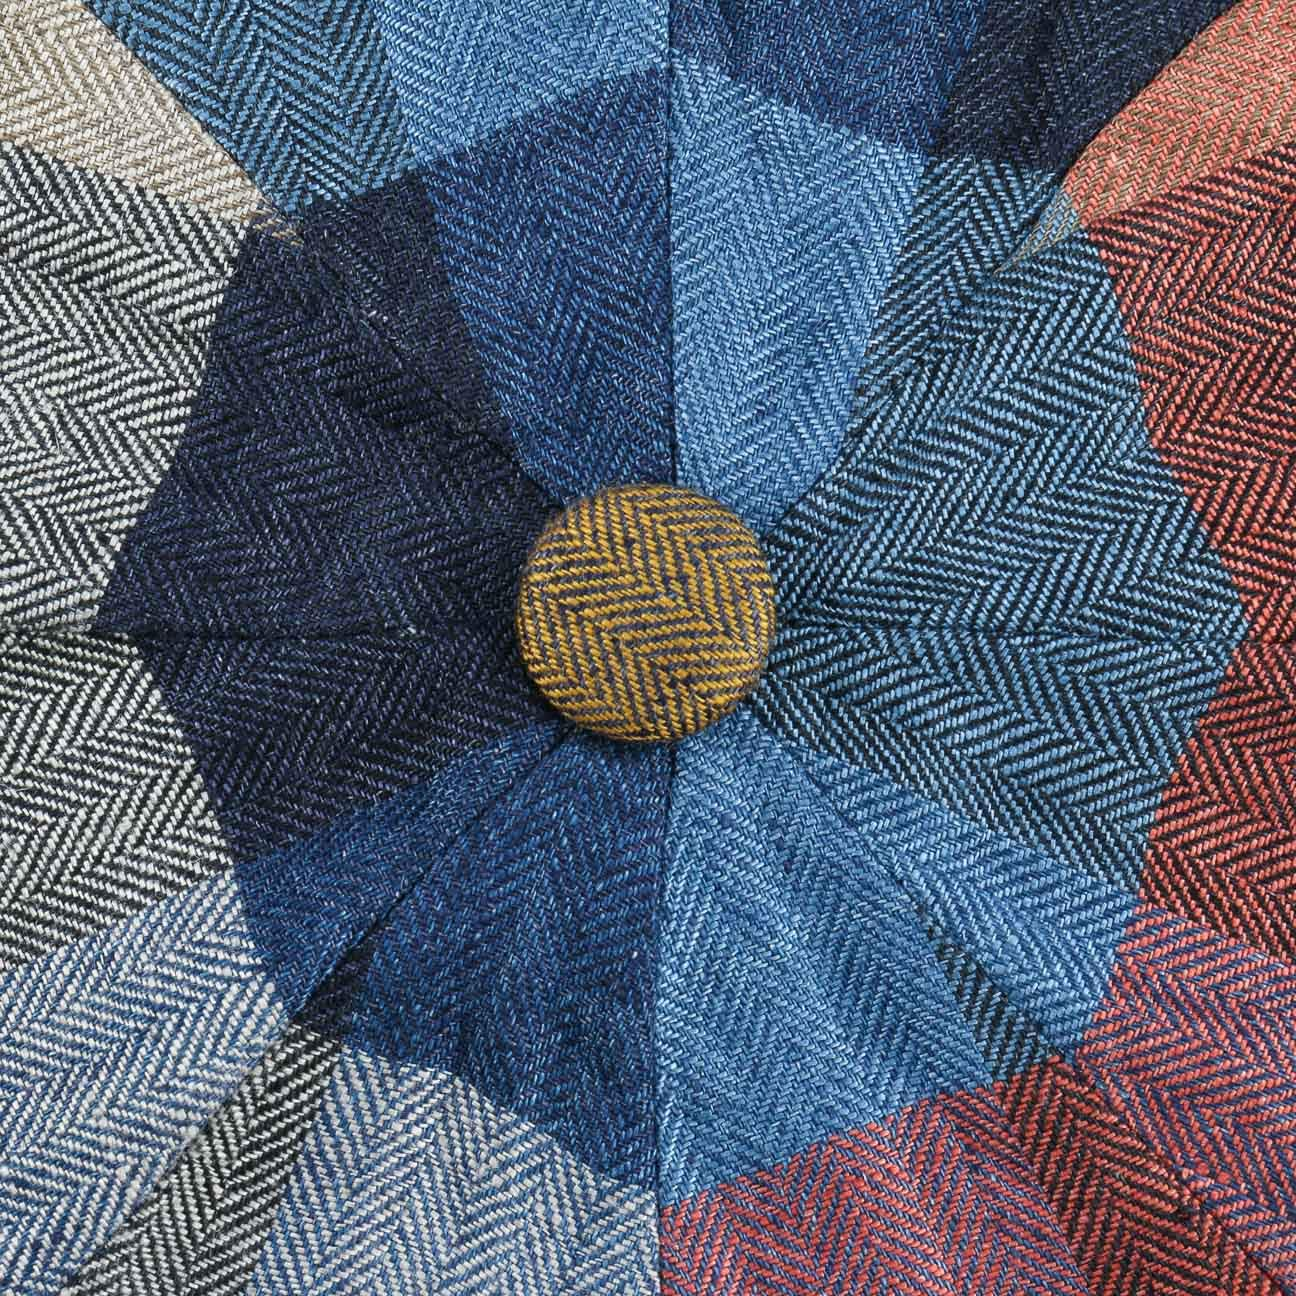 Visera Primavera//Verano Stetson Gorra Hatteras Linen Check Hombre Made in The EU Gorro Ivy de Lino Verano con Forro